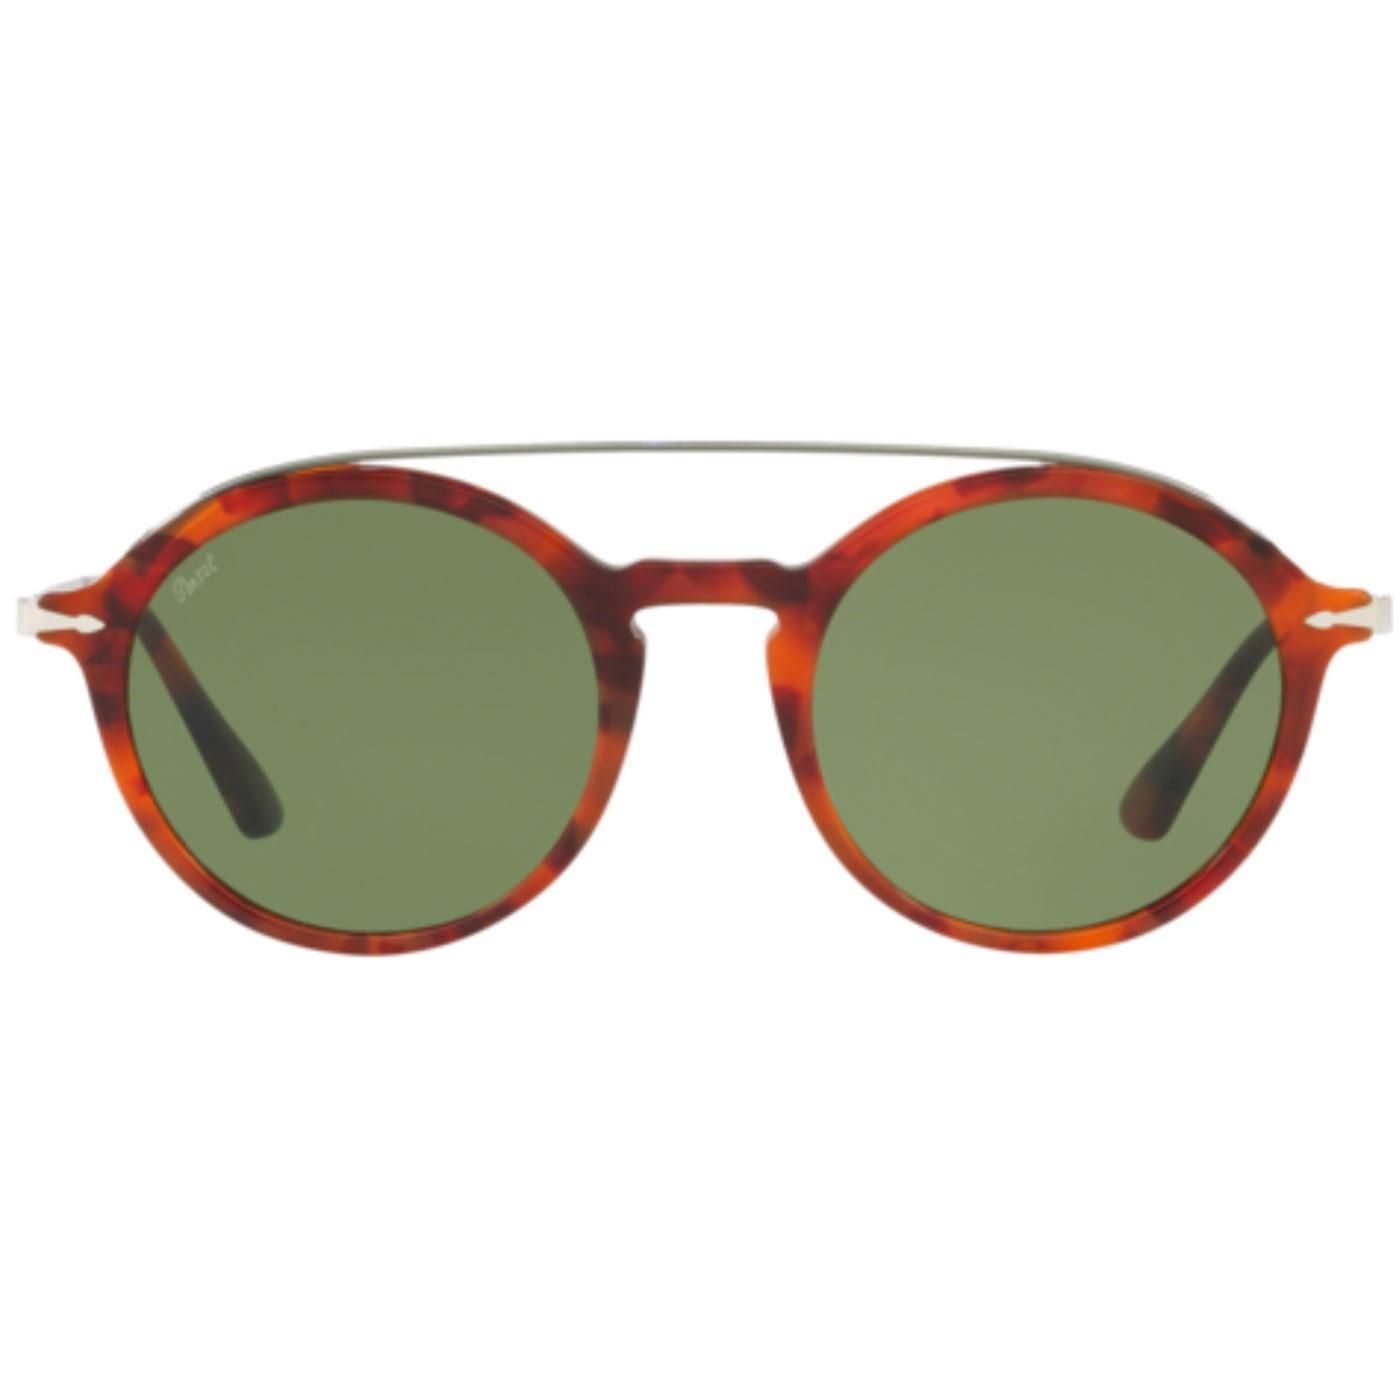 587d6a23f6e3d PERSOL Calligrapher Edition Retro Urban Sunglasses